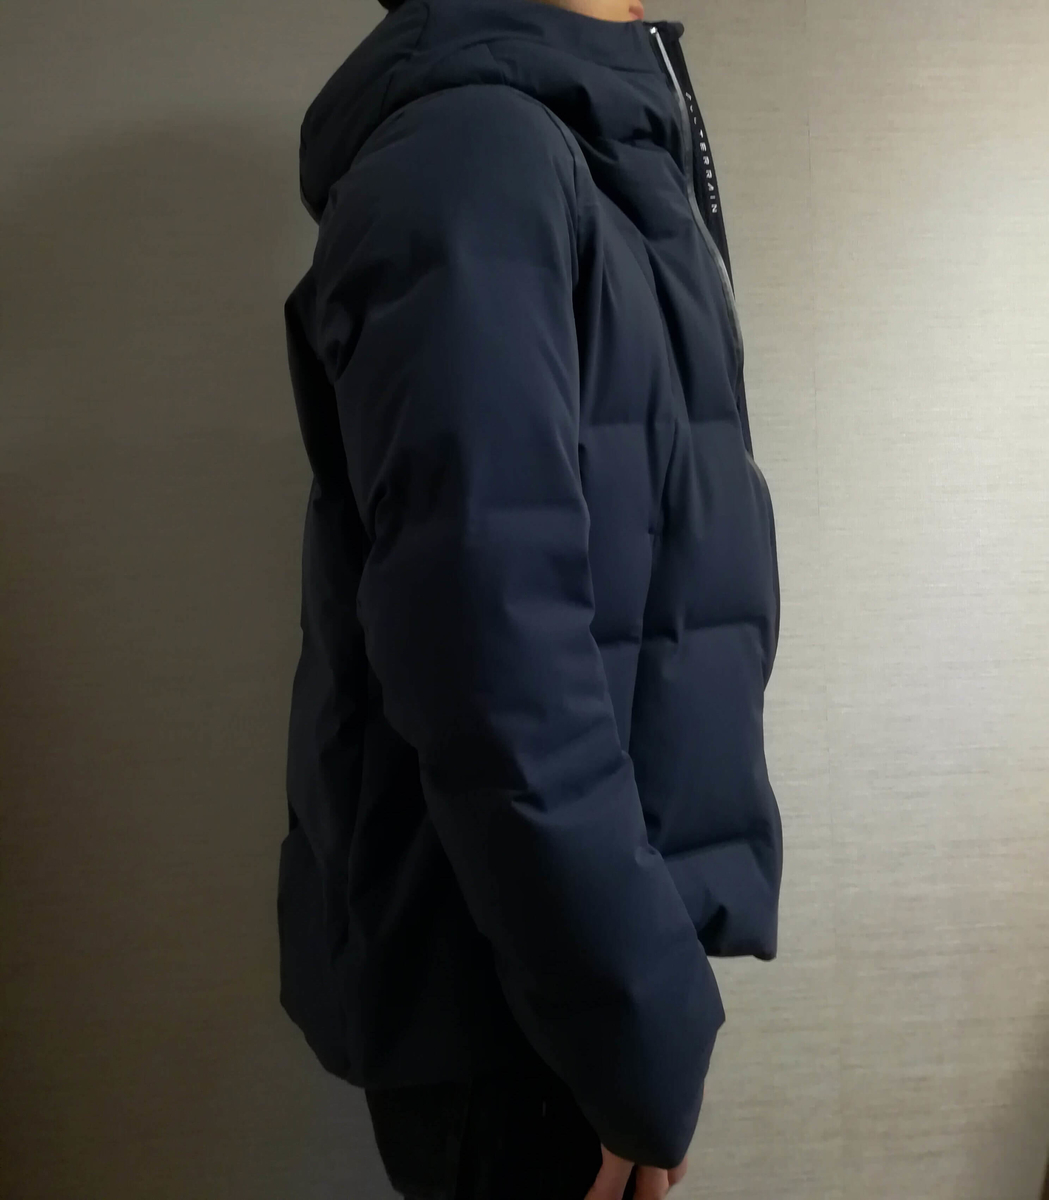 f:id:mori-no-kuma:20191130214647j:plain